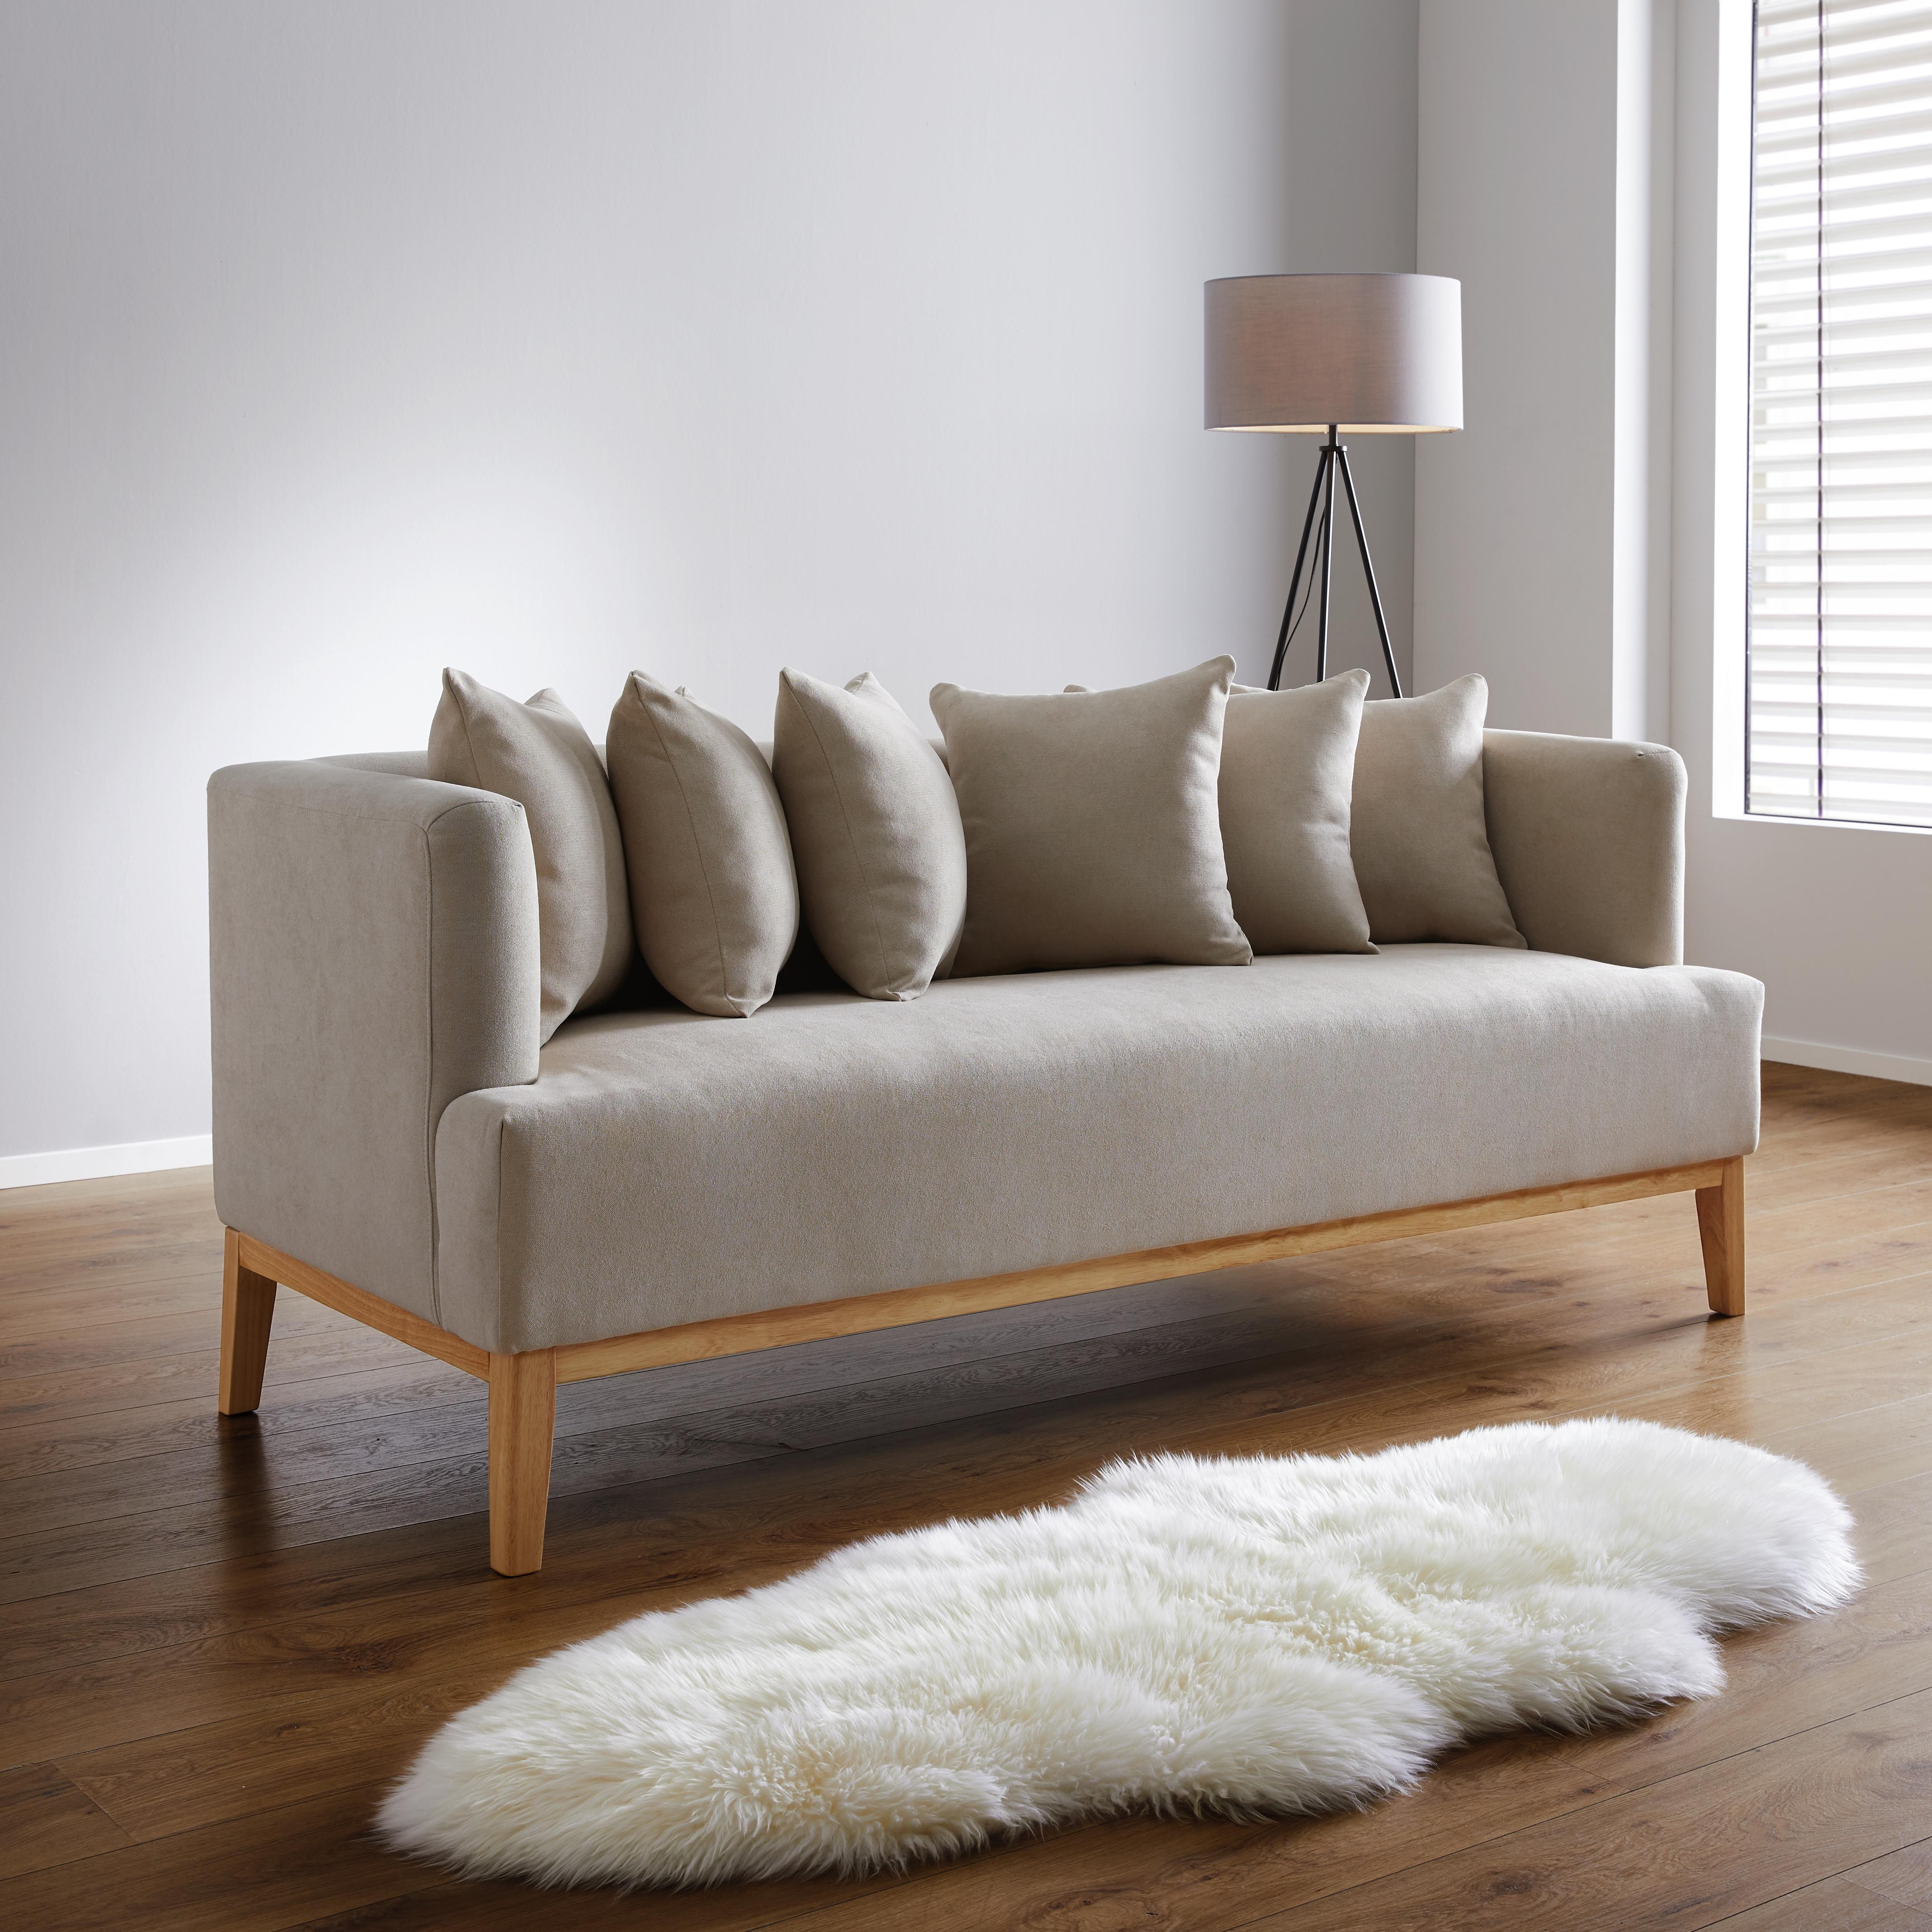 Zartes Beige Mit Holzmöbeln: Sofa In Beige Online Bestellen